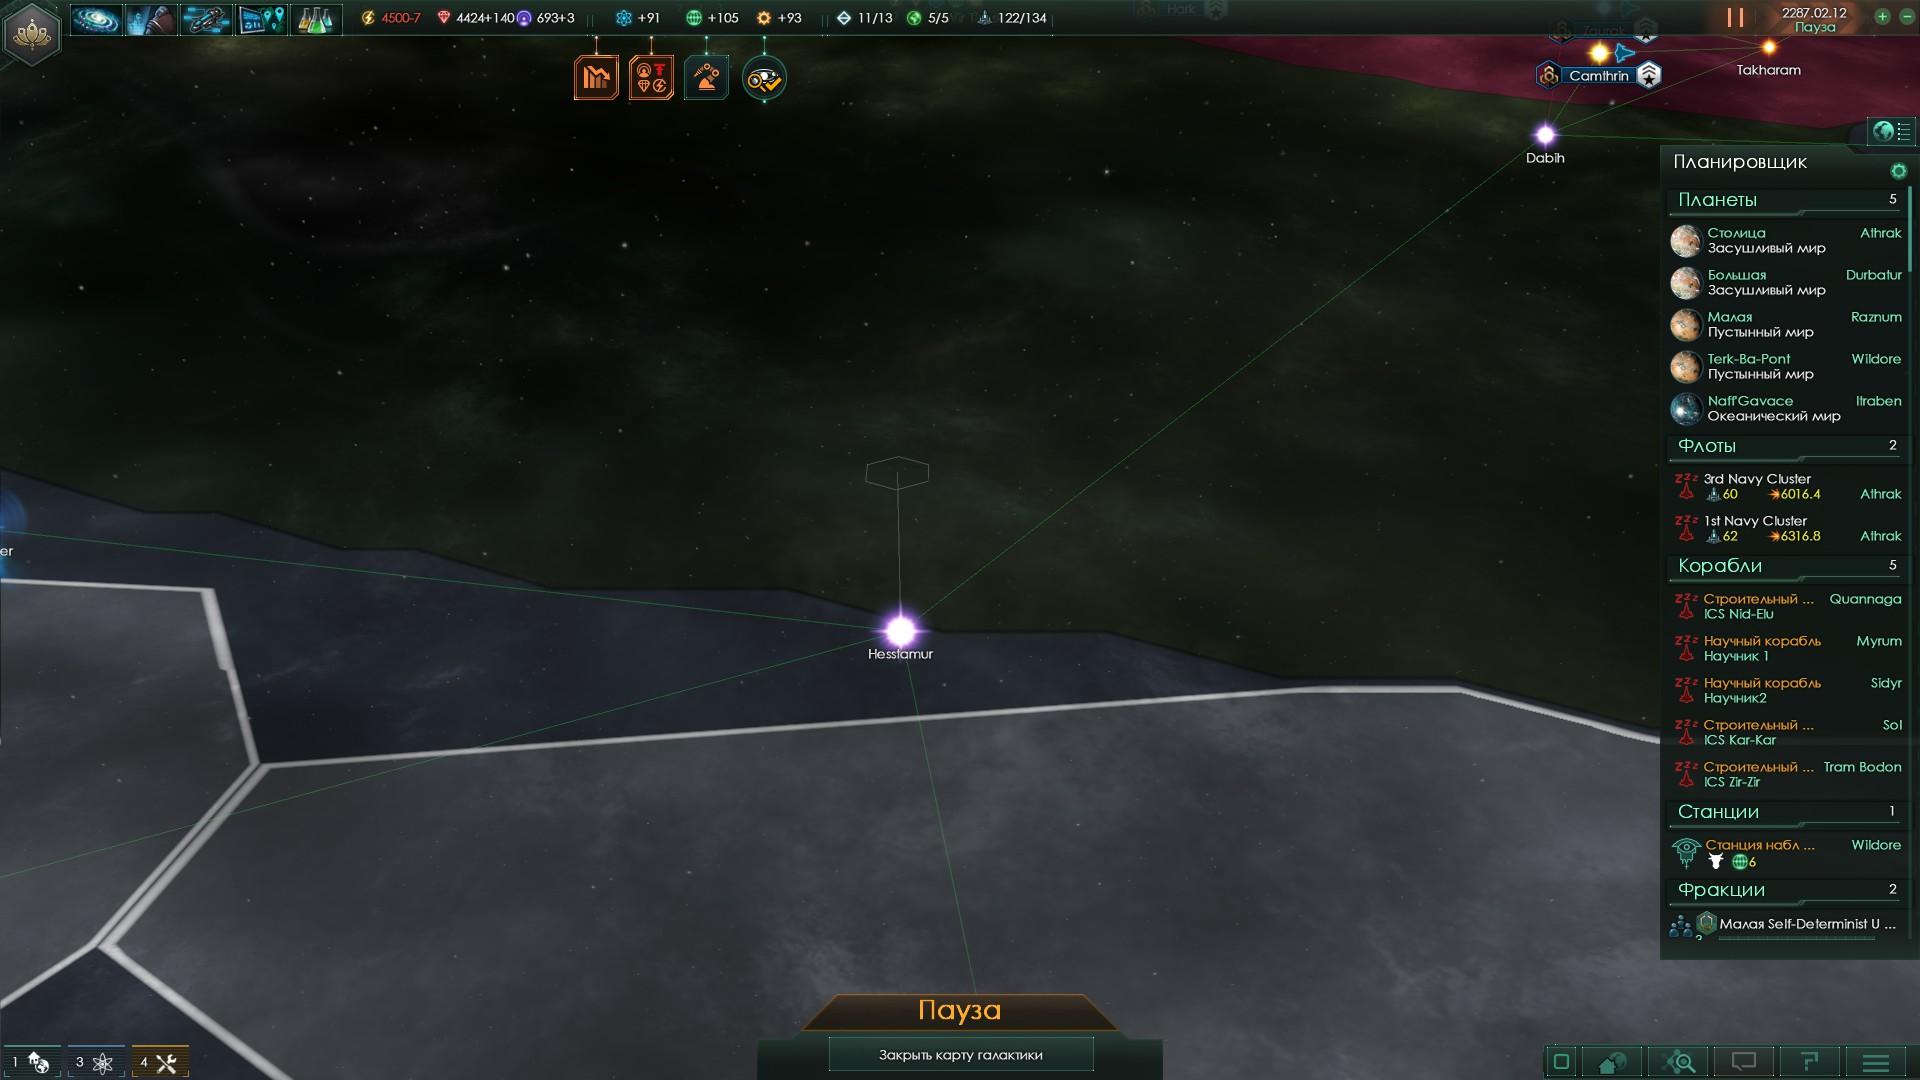 Обзор Stellaris. Рассказ о лучшей ролевой стратегии про покорение космоса и пути, что она преодолела за все эти годы. / Блог Diml